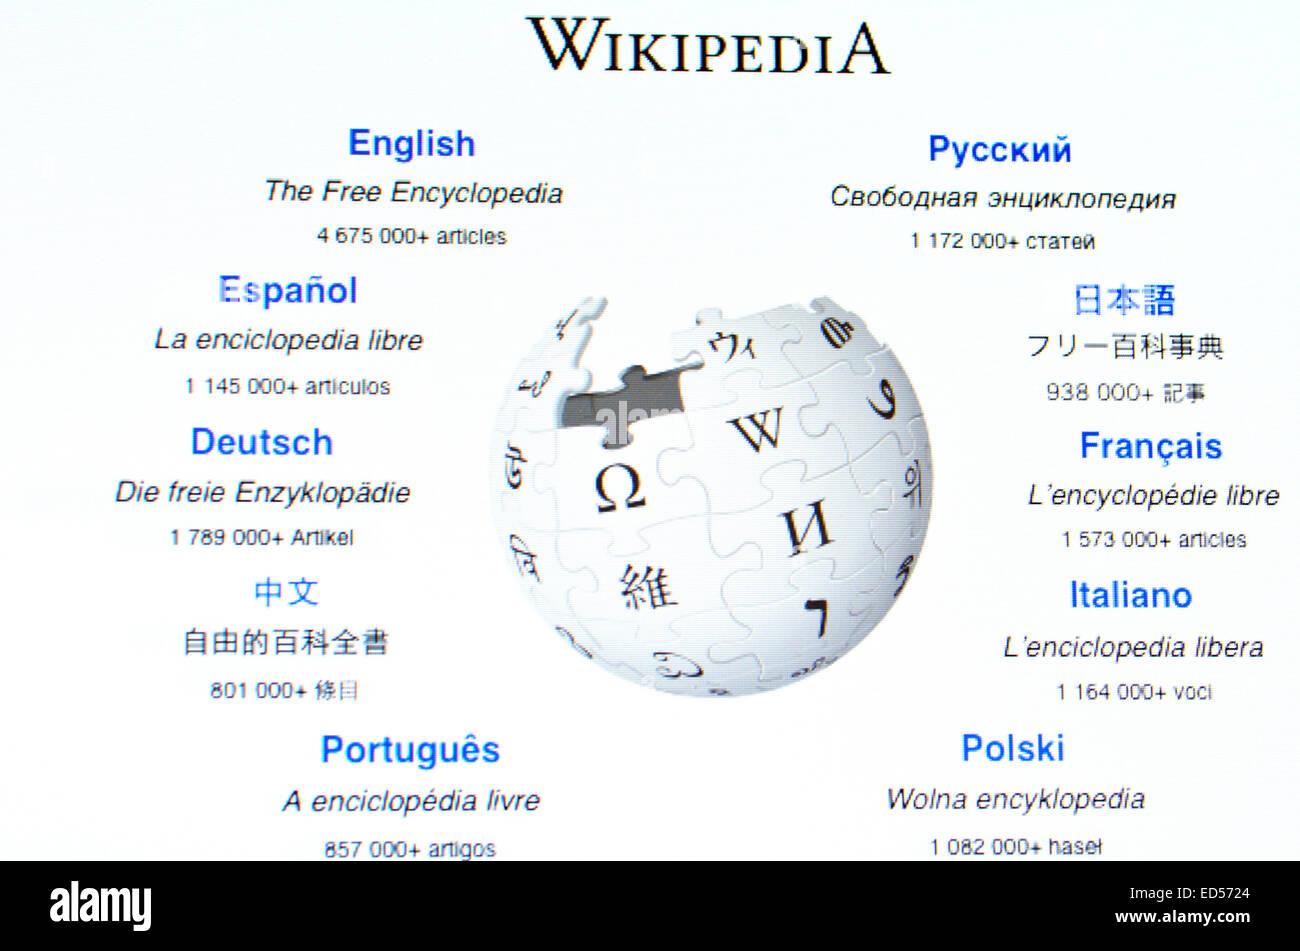 AUCKLAND - Dec 25 2014:Wikipedia homepage.En febrero de 2014, había 18 millones de páginas vistas y cerca Imagen De Stock